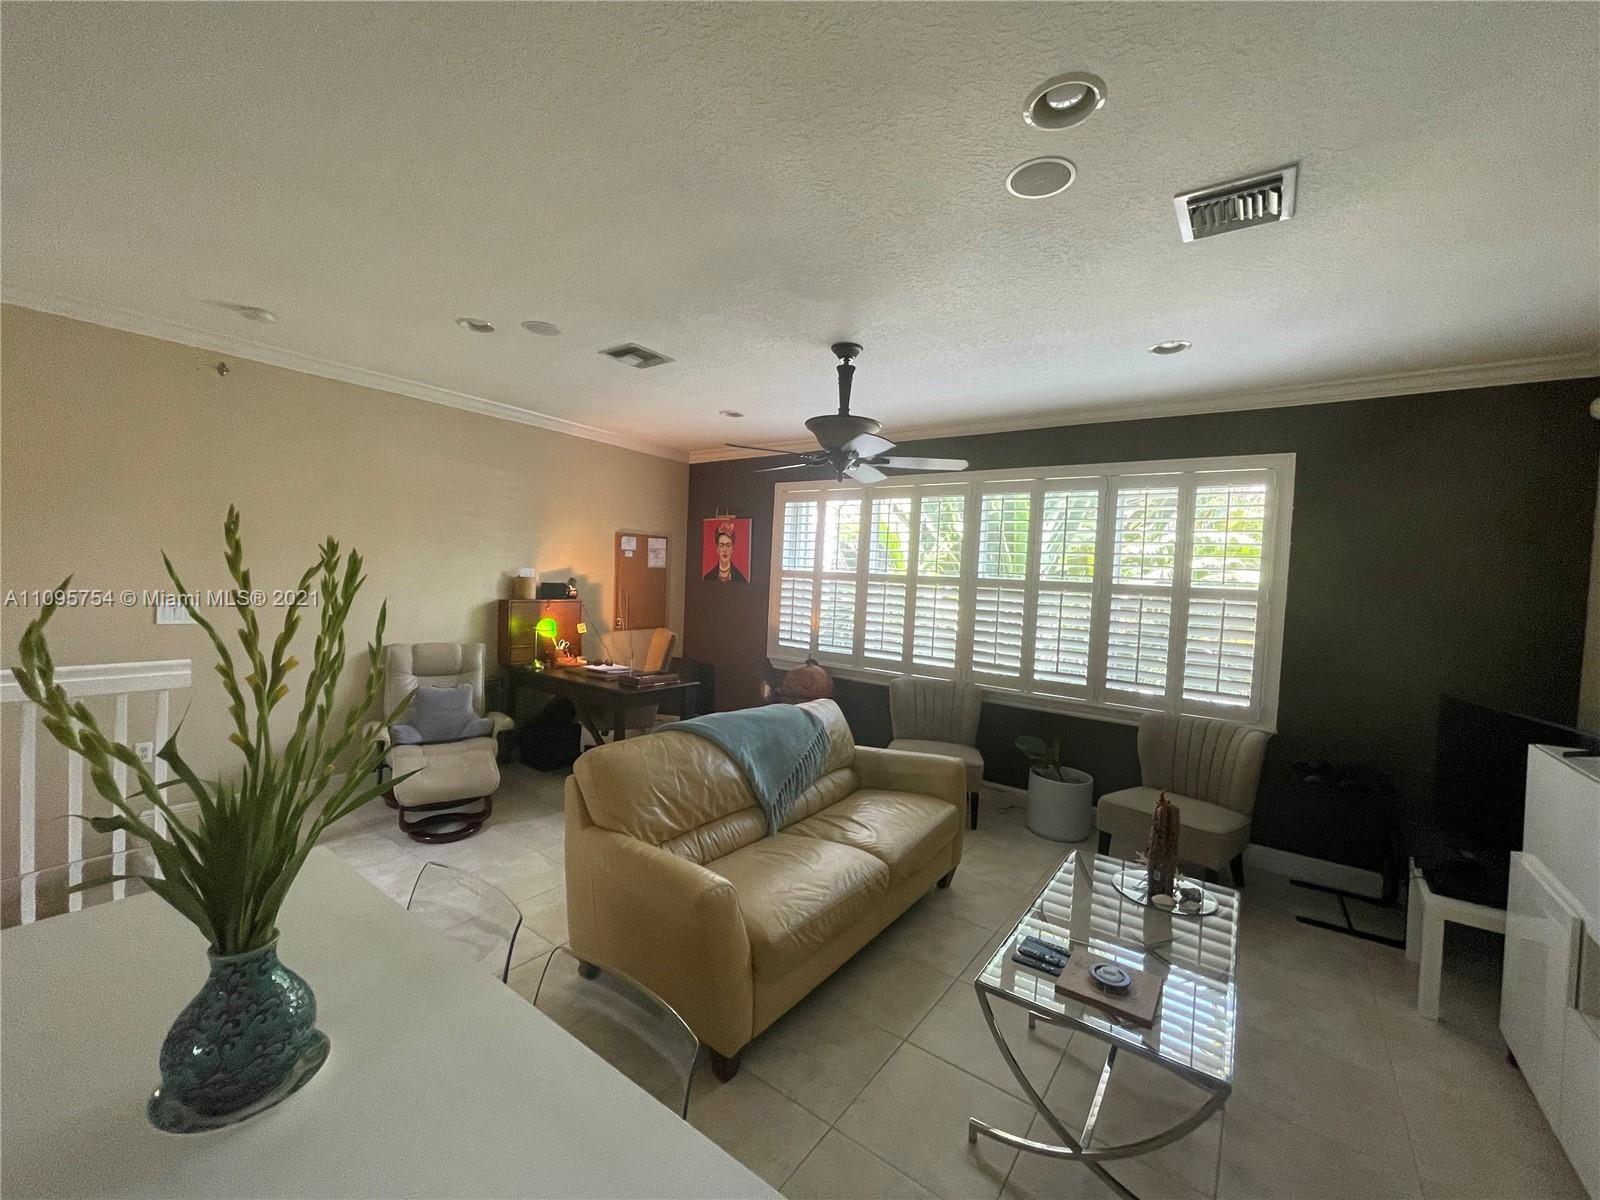 707 SW 4 Avenue #707, Fort Lauderdale, FL 33315 - #: A11095754